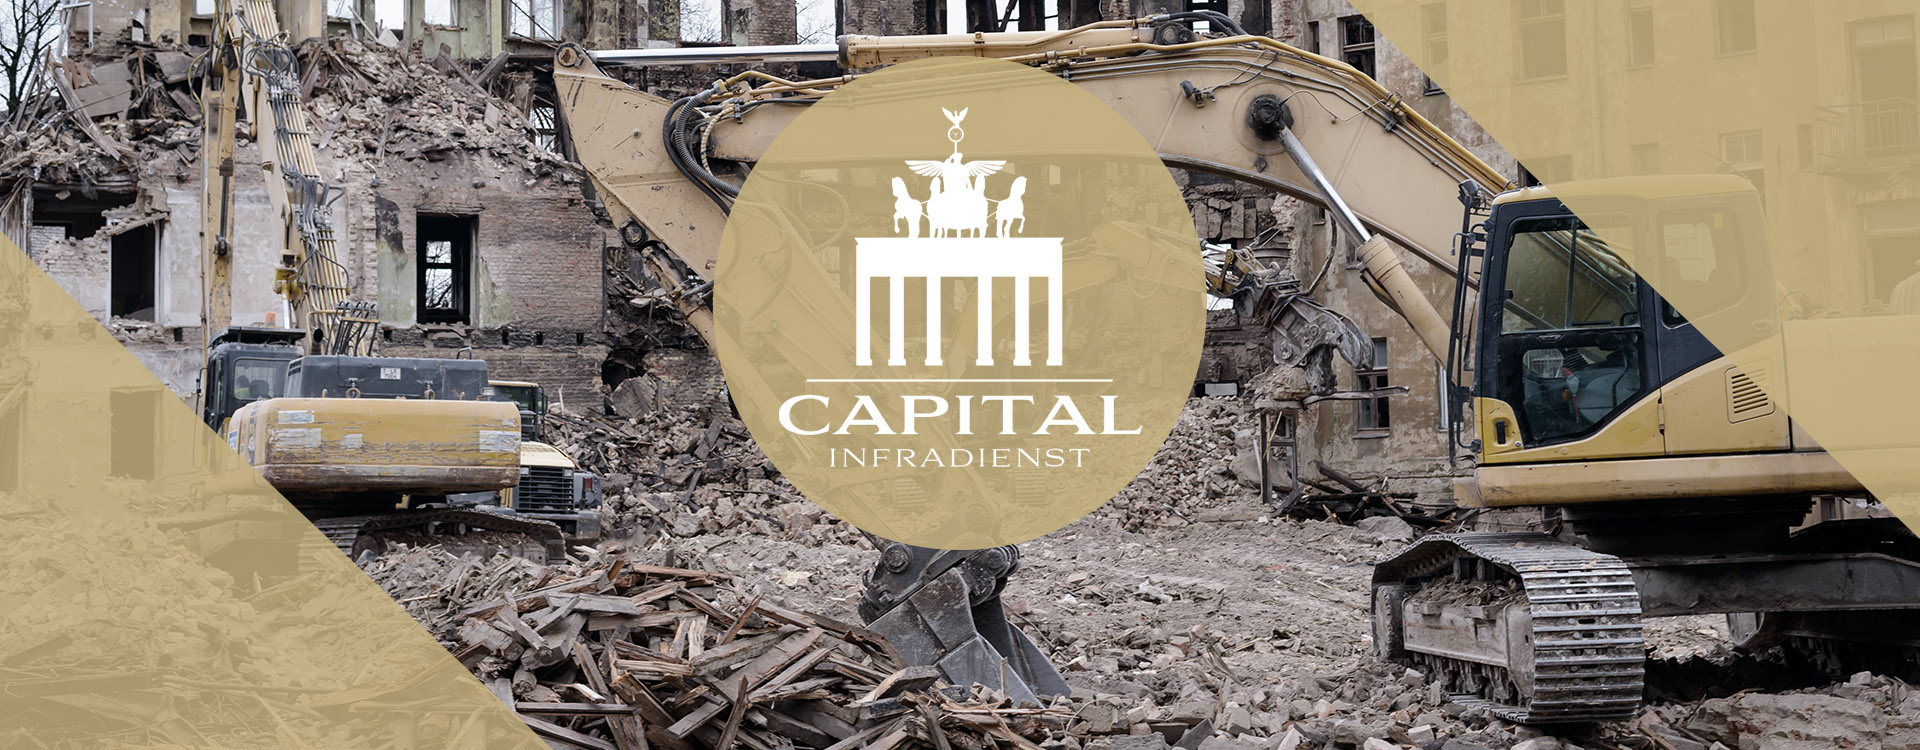 capital-infradienst-slider-abbruch